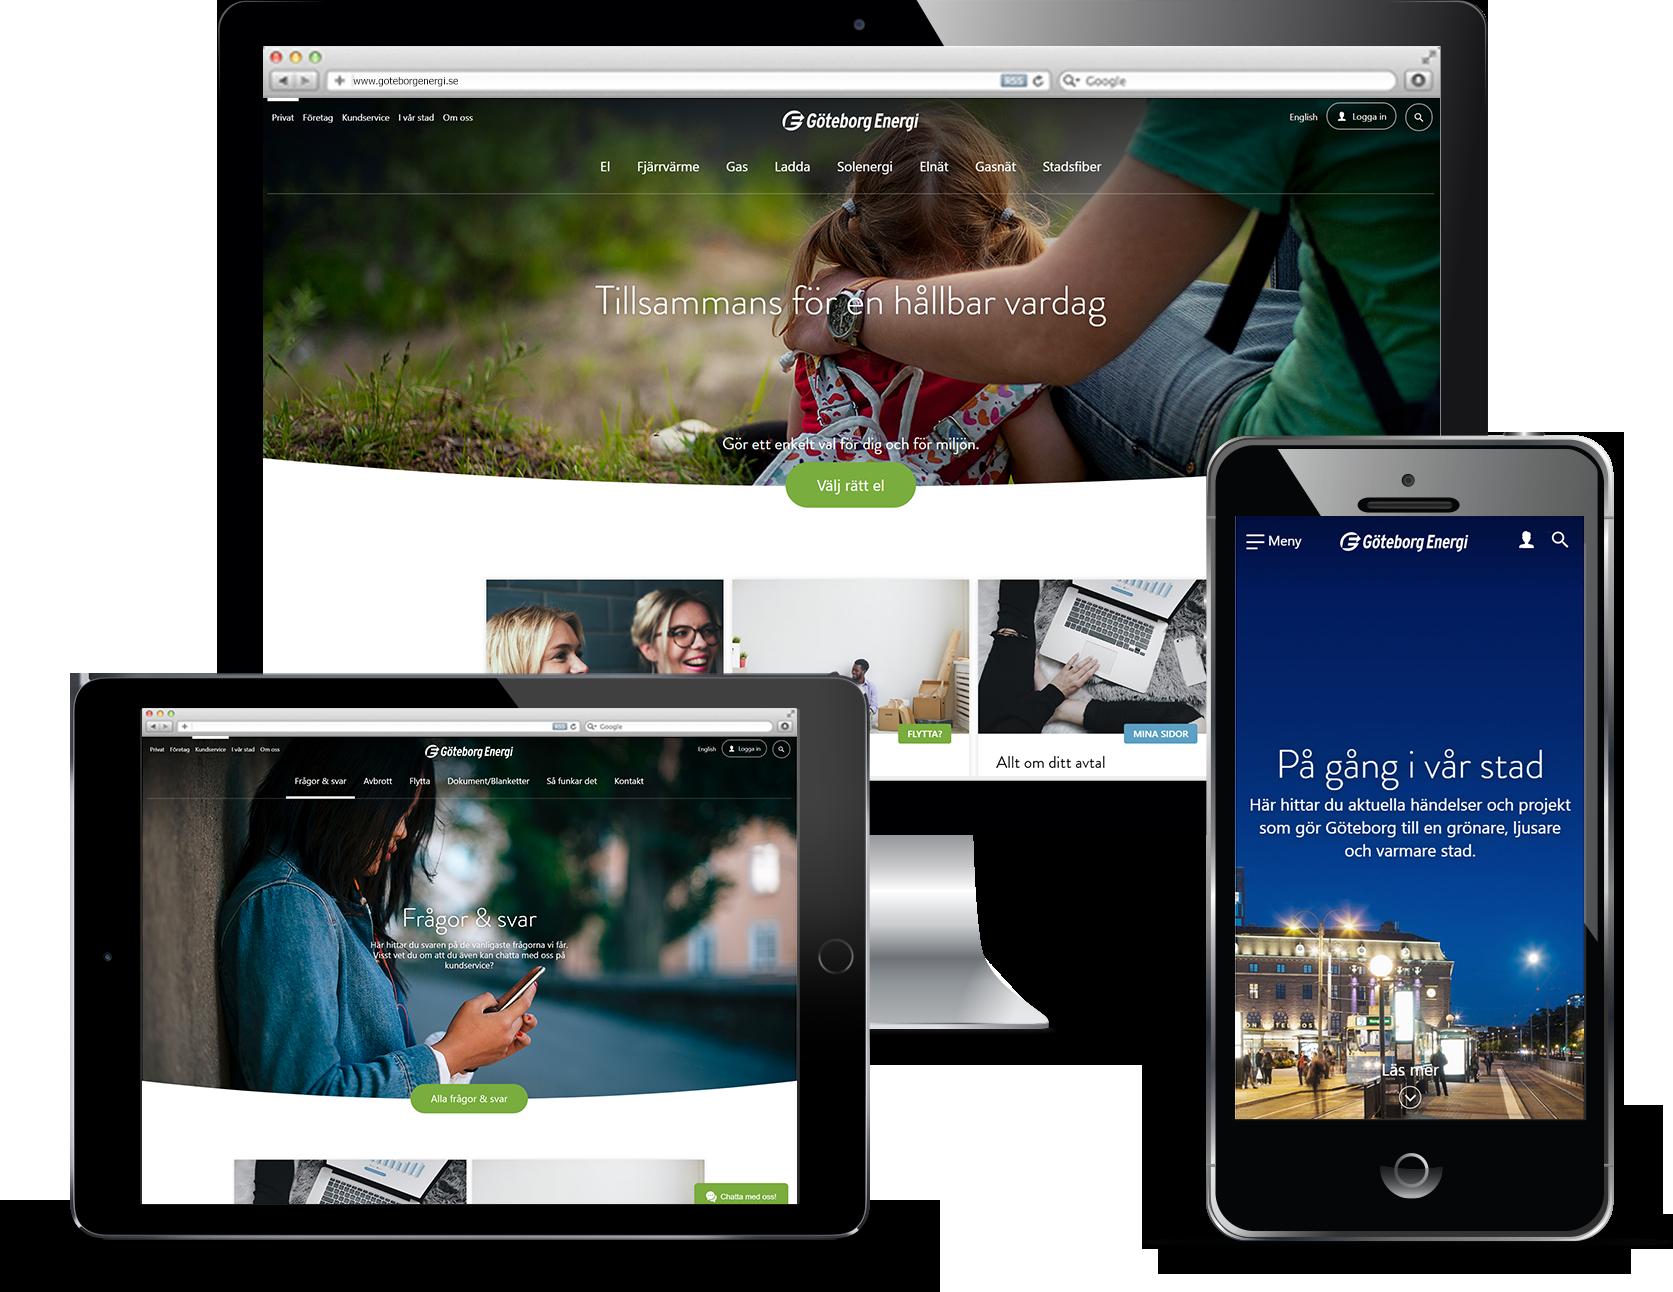 0f204227df70 Initiva är en teknisk webbyrå och ett mjuvkvaruföretag som utvecklar  webbplatser, intranät och webbshoppar, ja allt som går att bygga i en  webbmiljö.